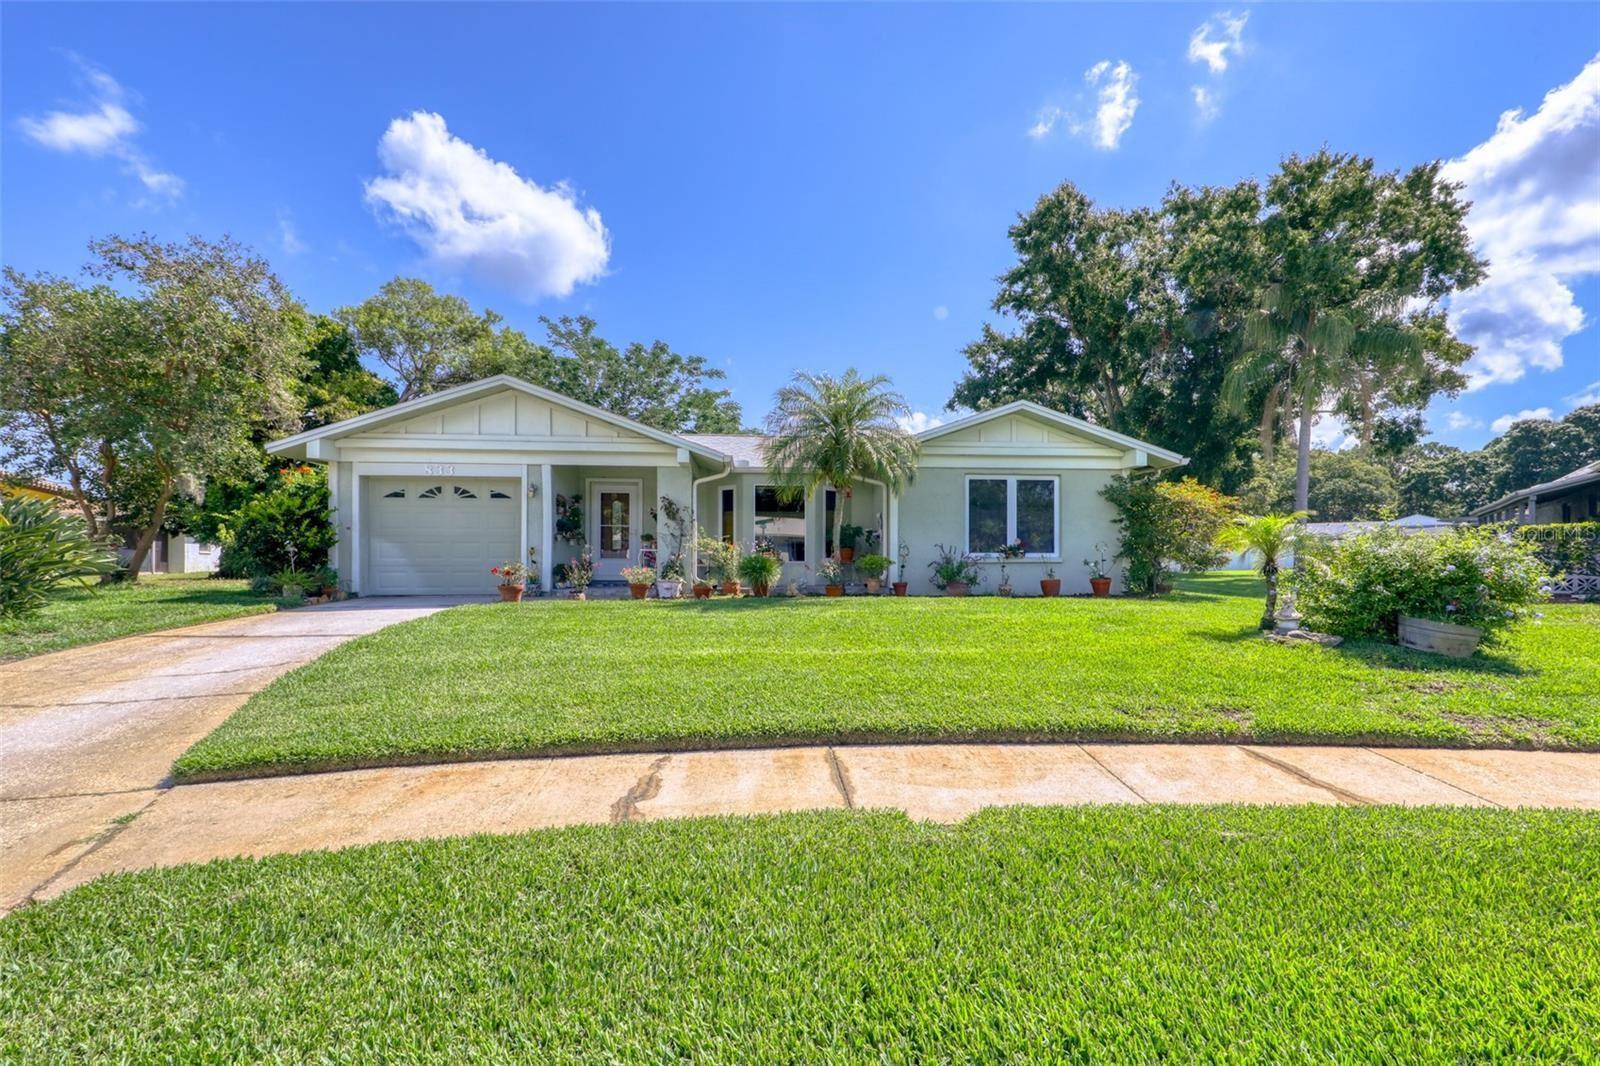 833 HELMSMAN STREET, Palm Harbor, FL 34685 - #: U8114673